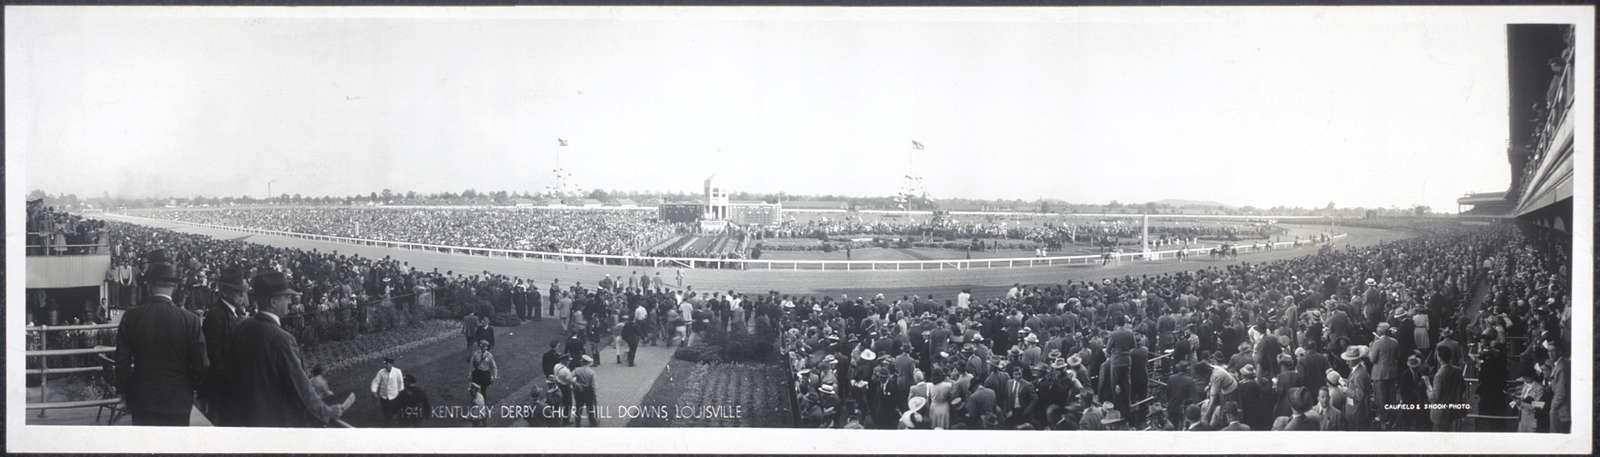 1941 Kentucky Derby, Churchill Downs, Louisville